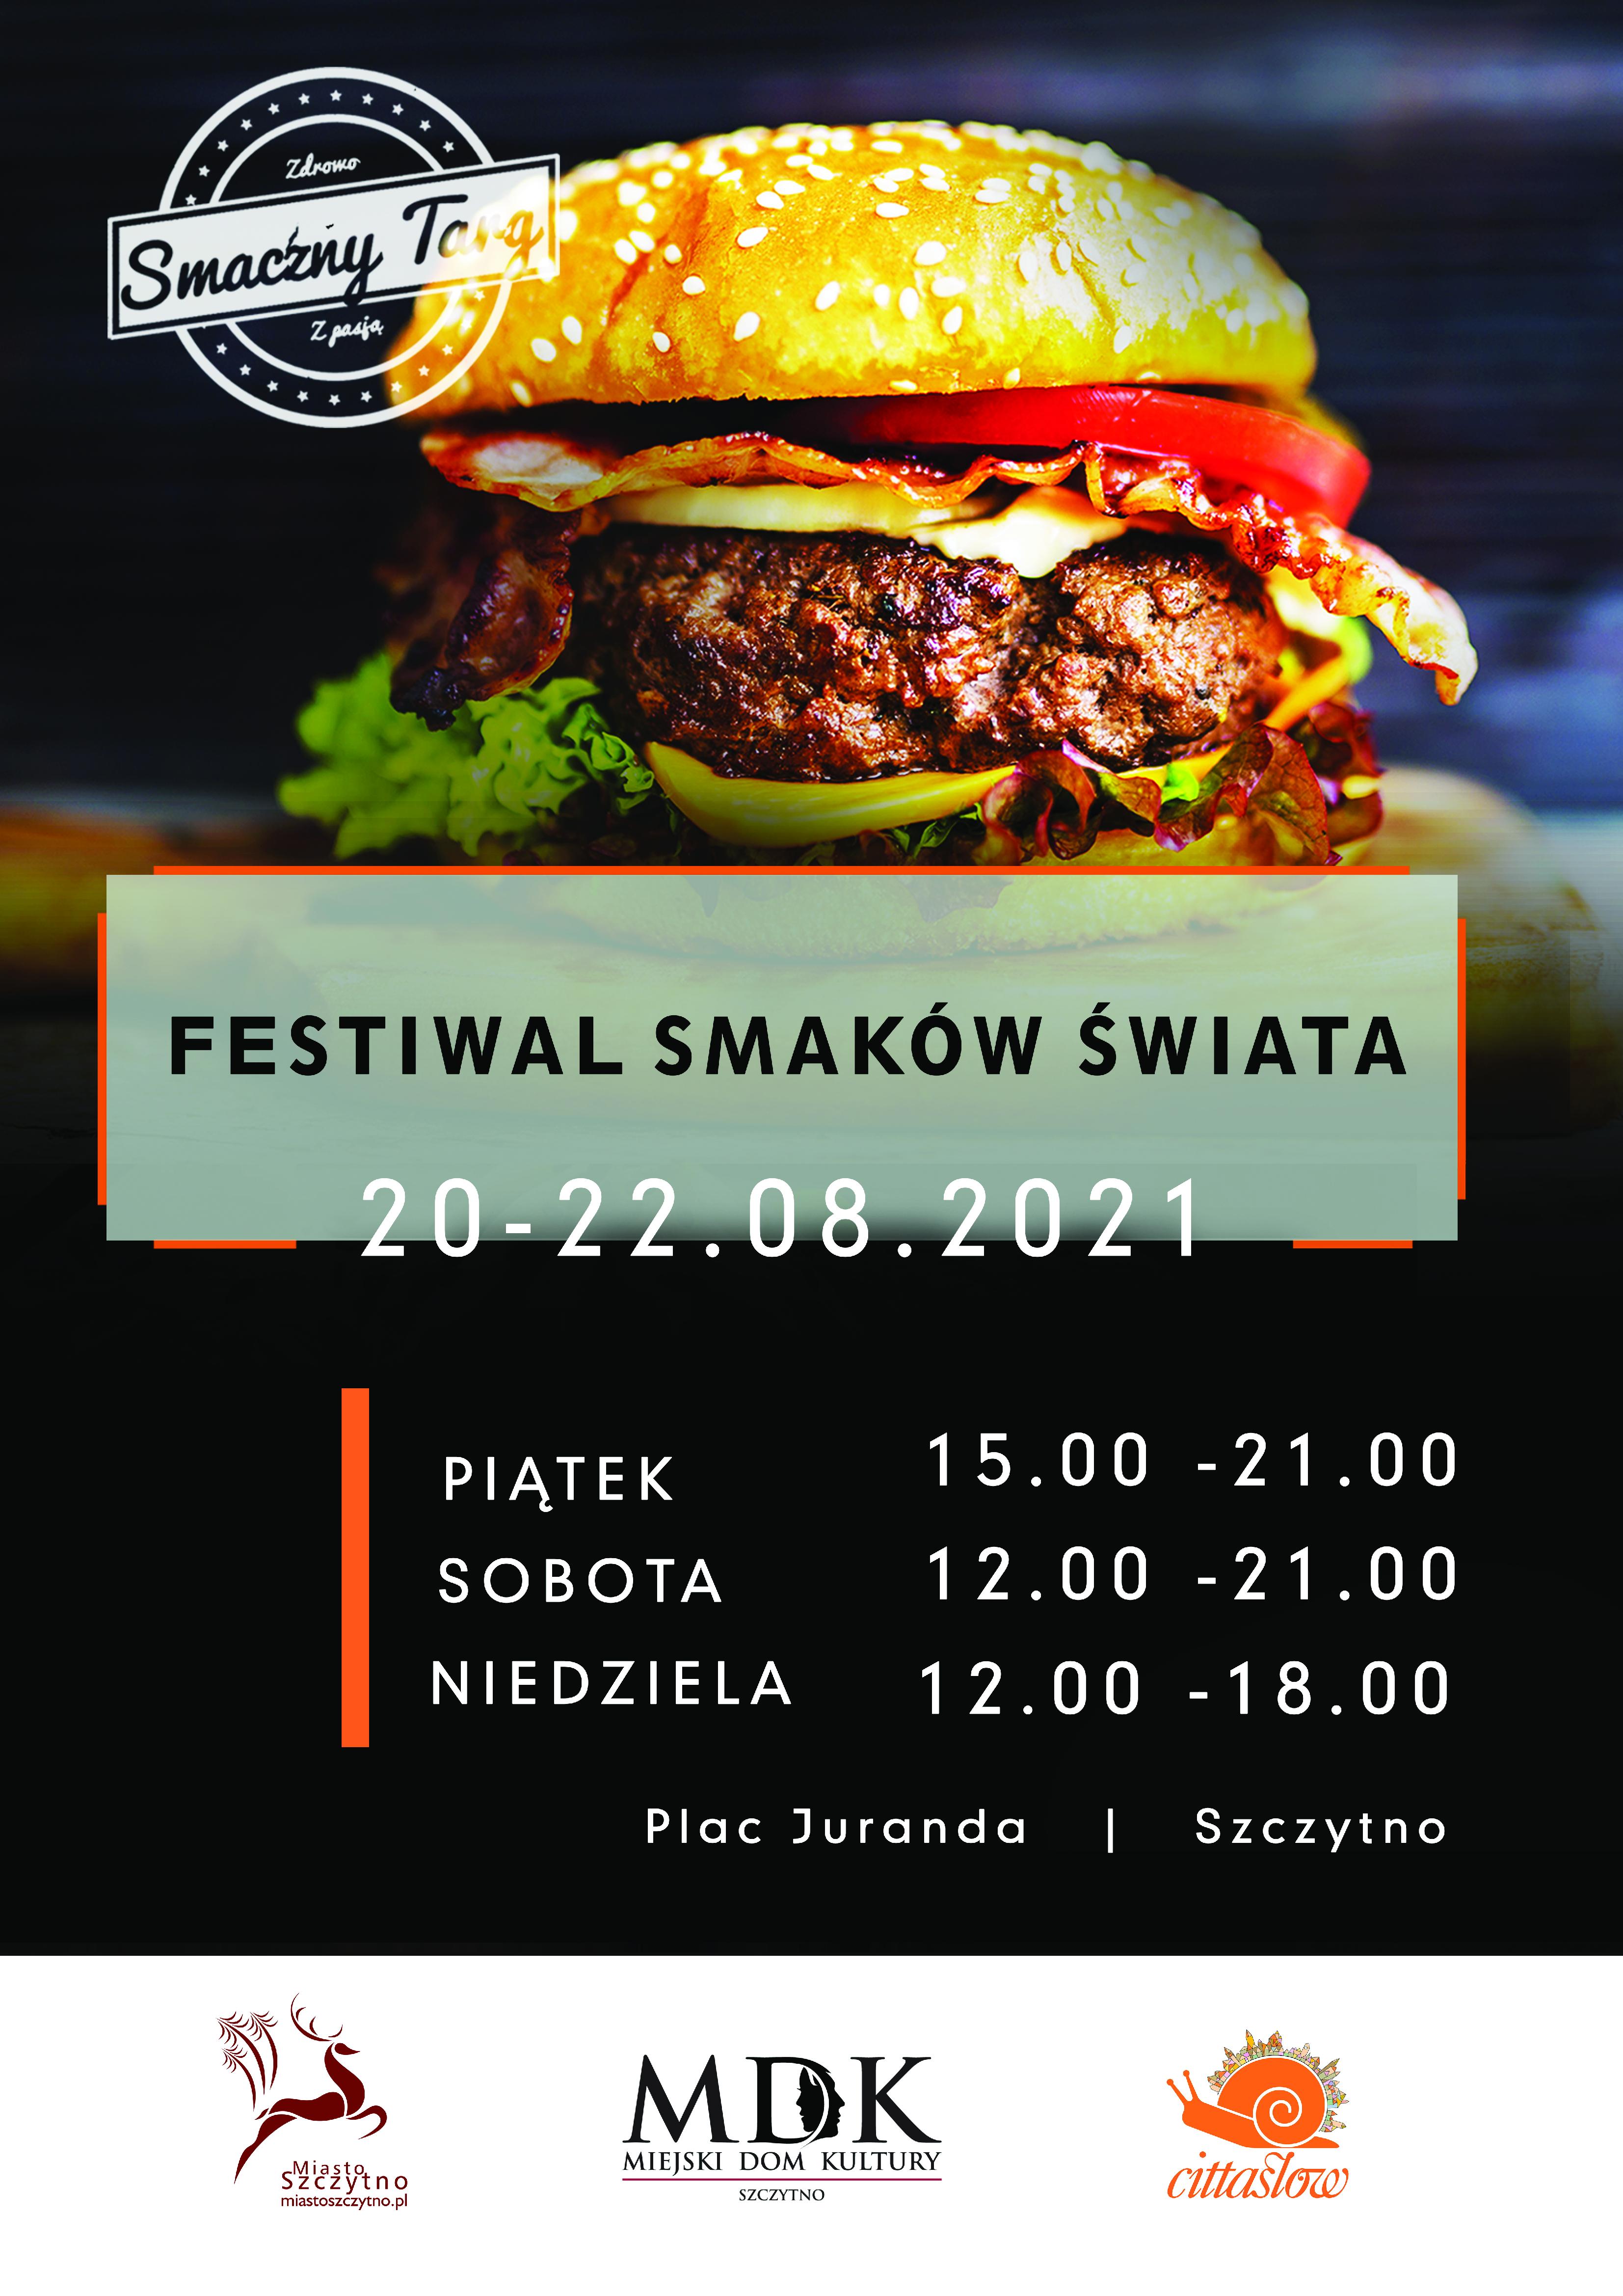 https://m.powiatszczycienski.pl/2021/08/orig/szczytno-plakata2-smakiswiata-42503.png